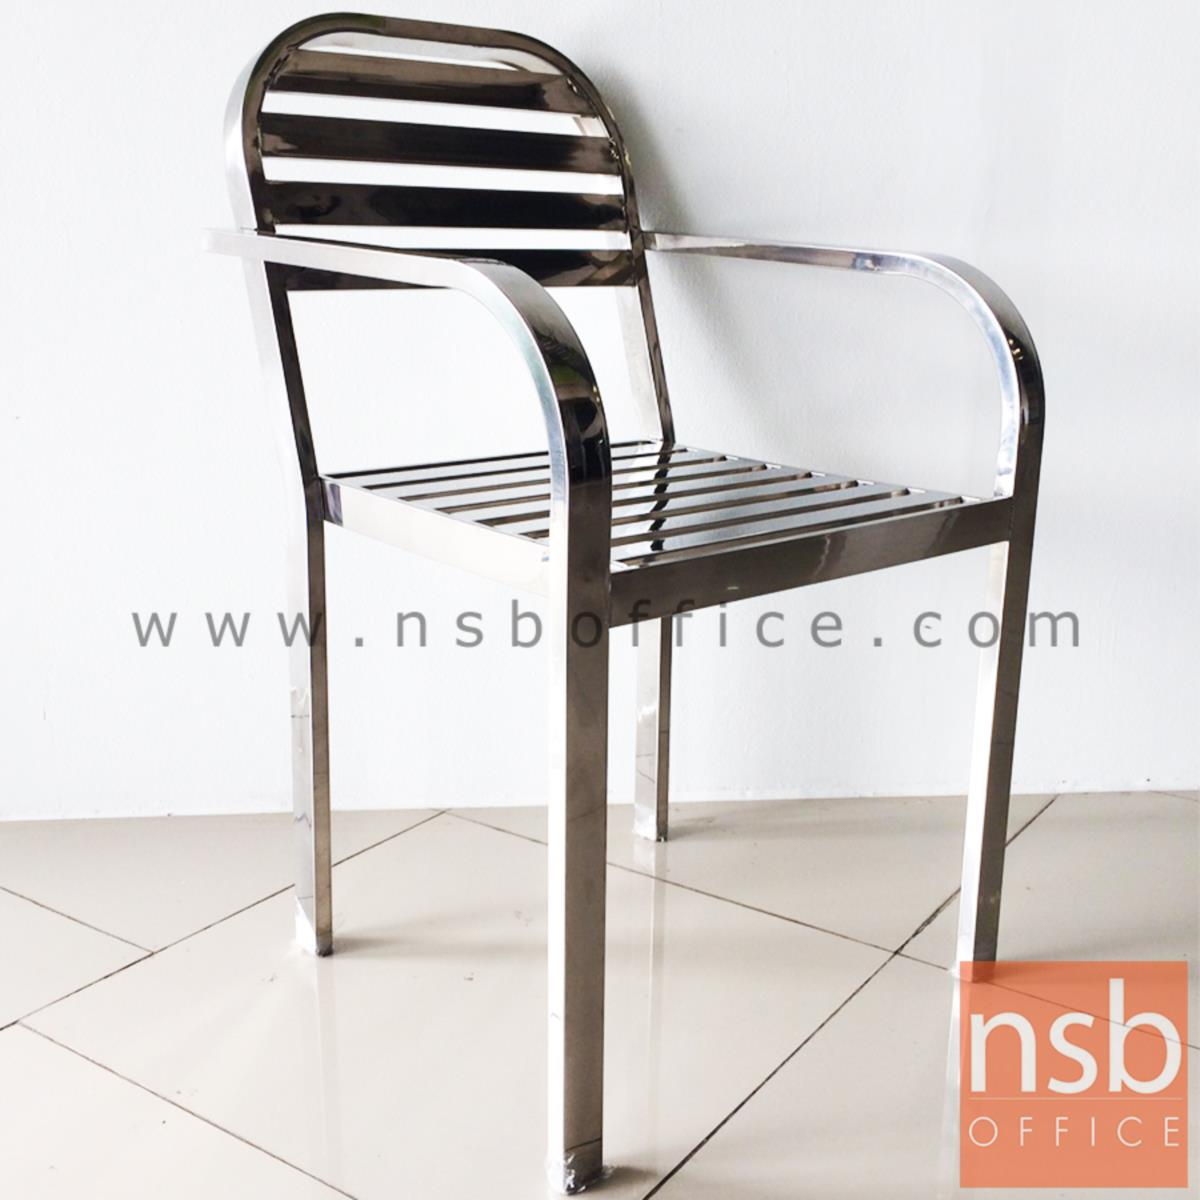 เก้าอี้อเนกประสงค์สแตนเลส รุ่น Pearl Shoal (เพิร์ลโชล)